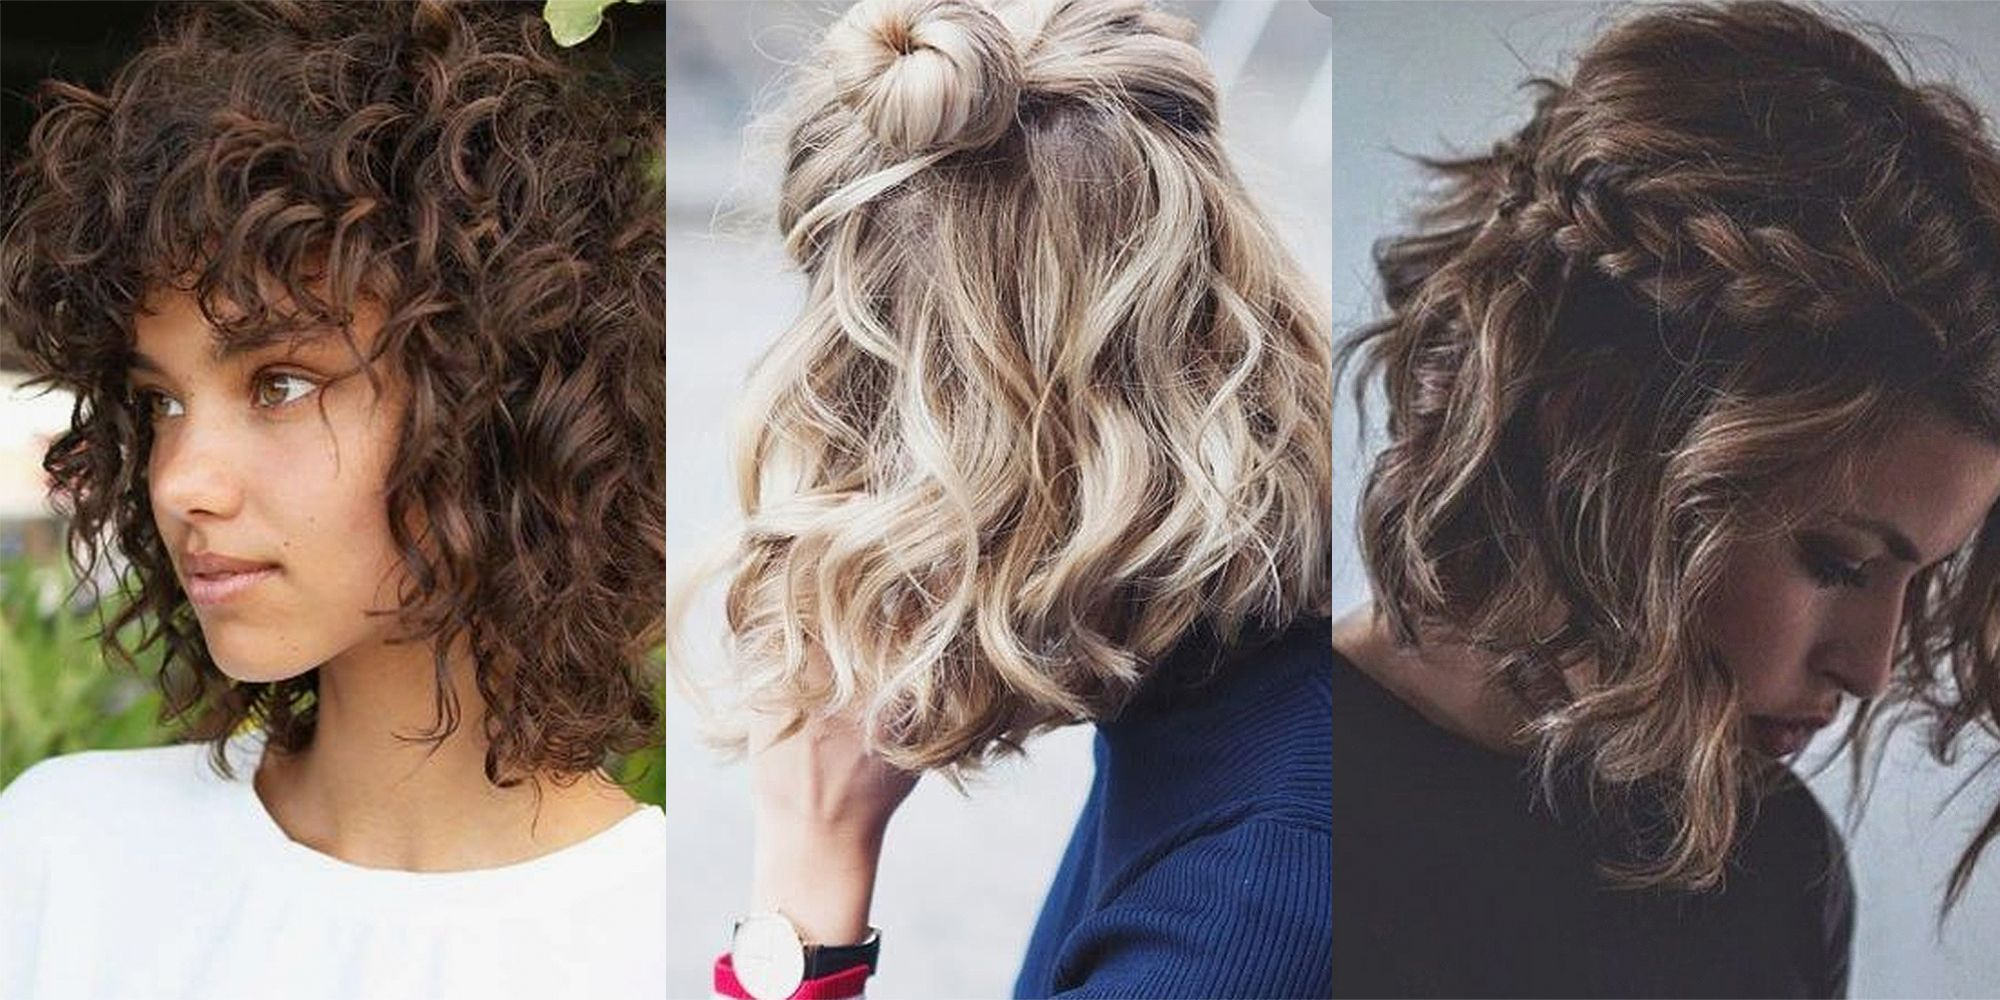 Los mejores peinados para pelo corto y rizado Cmo peinar el pelo